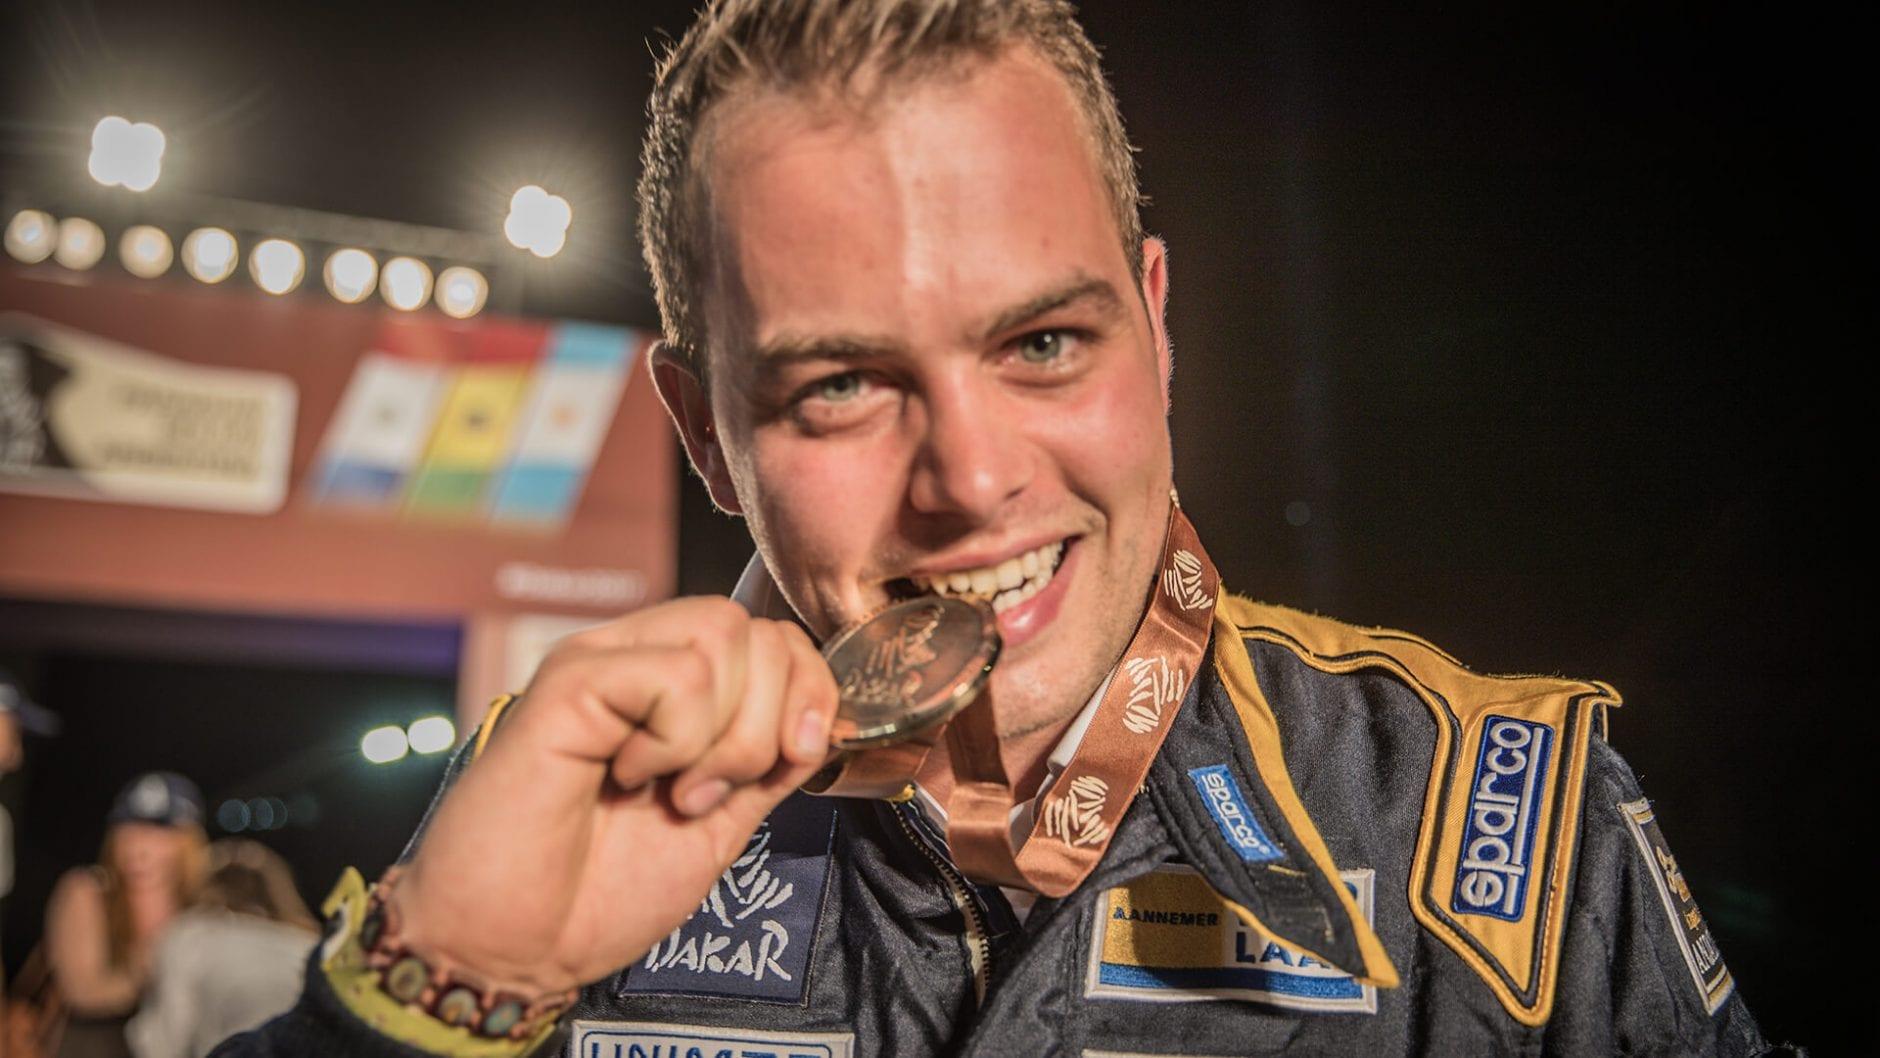 Ben van de Laar - Dakar 2017